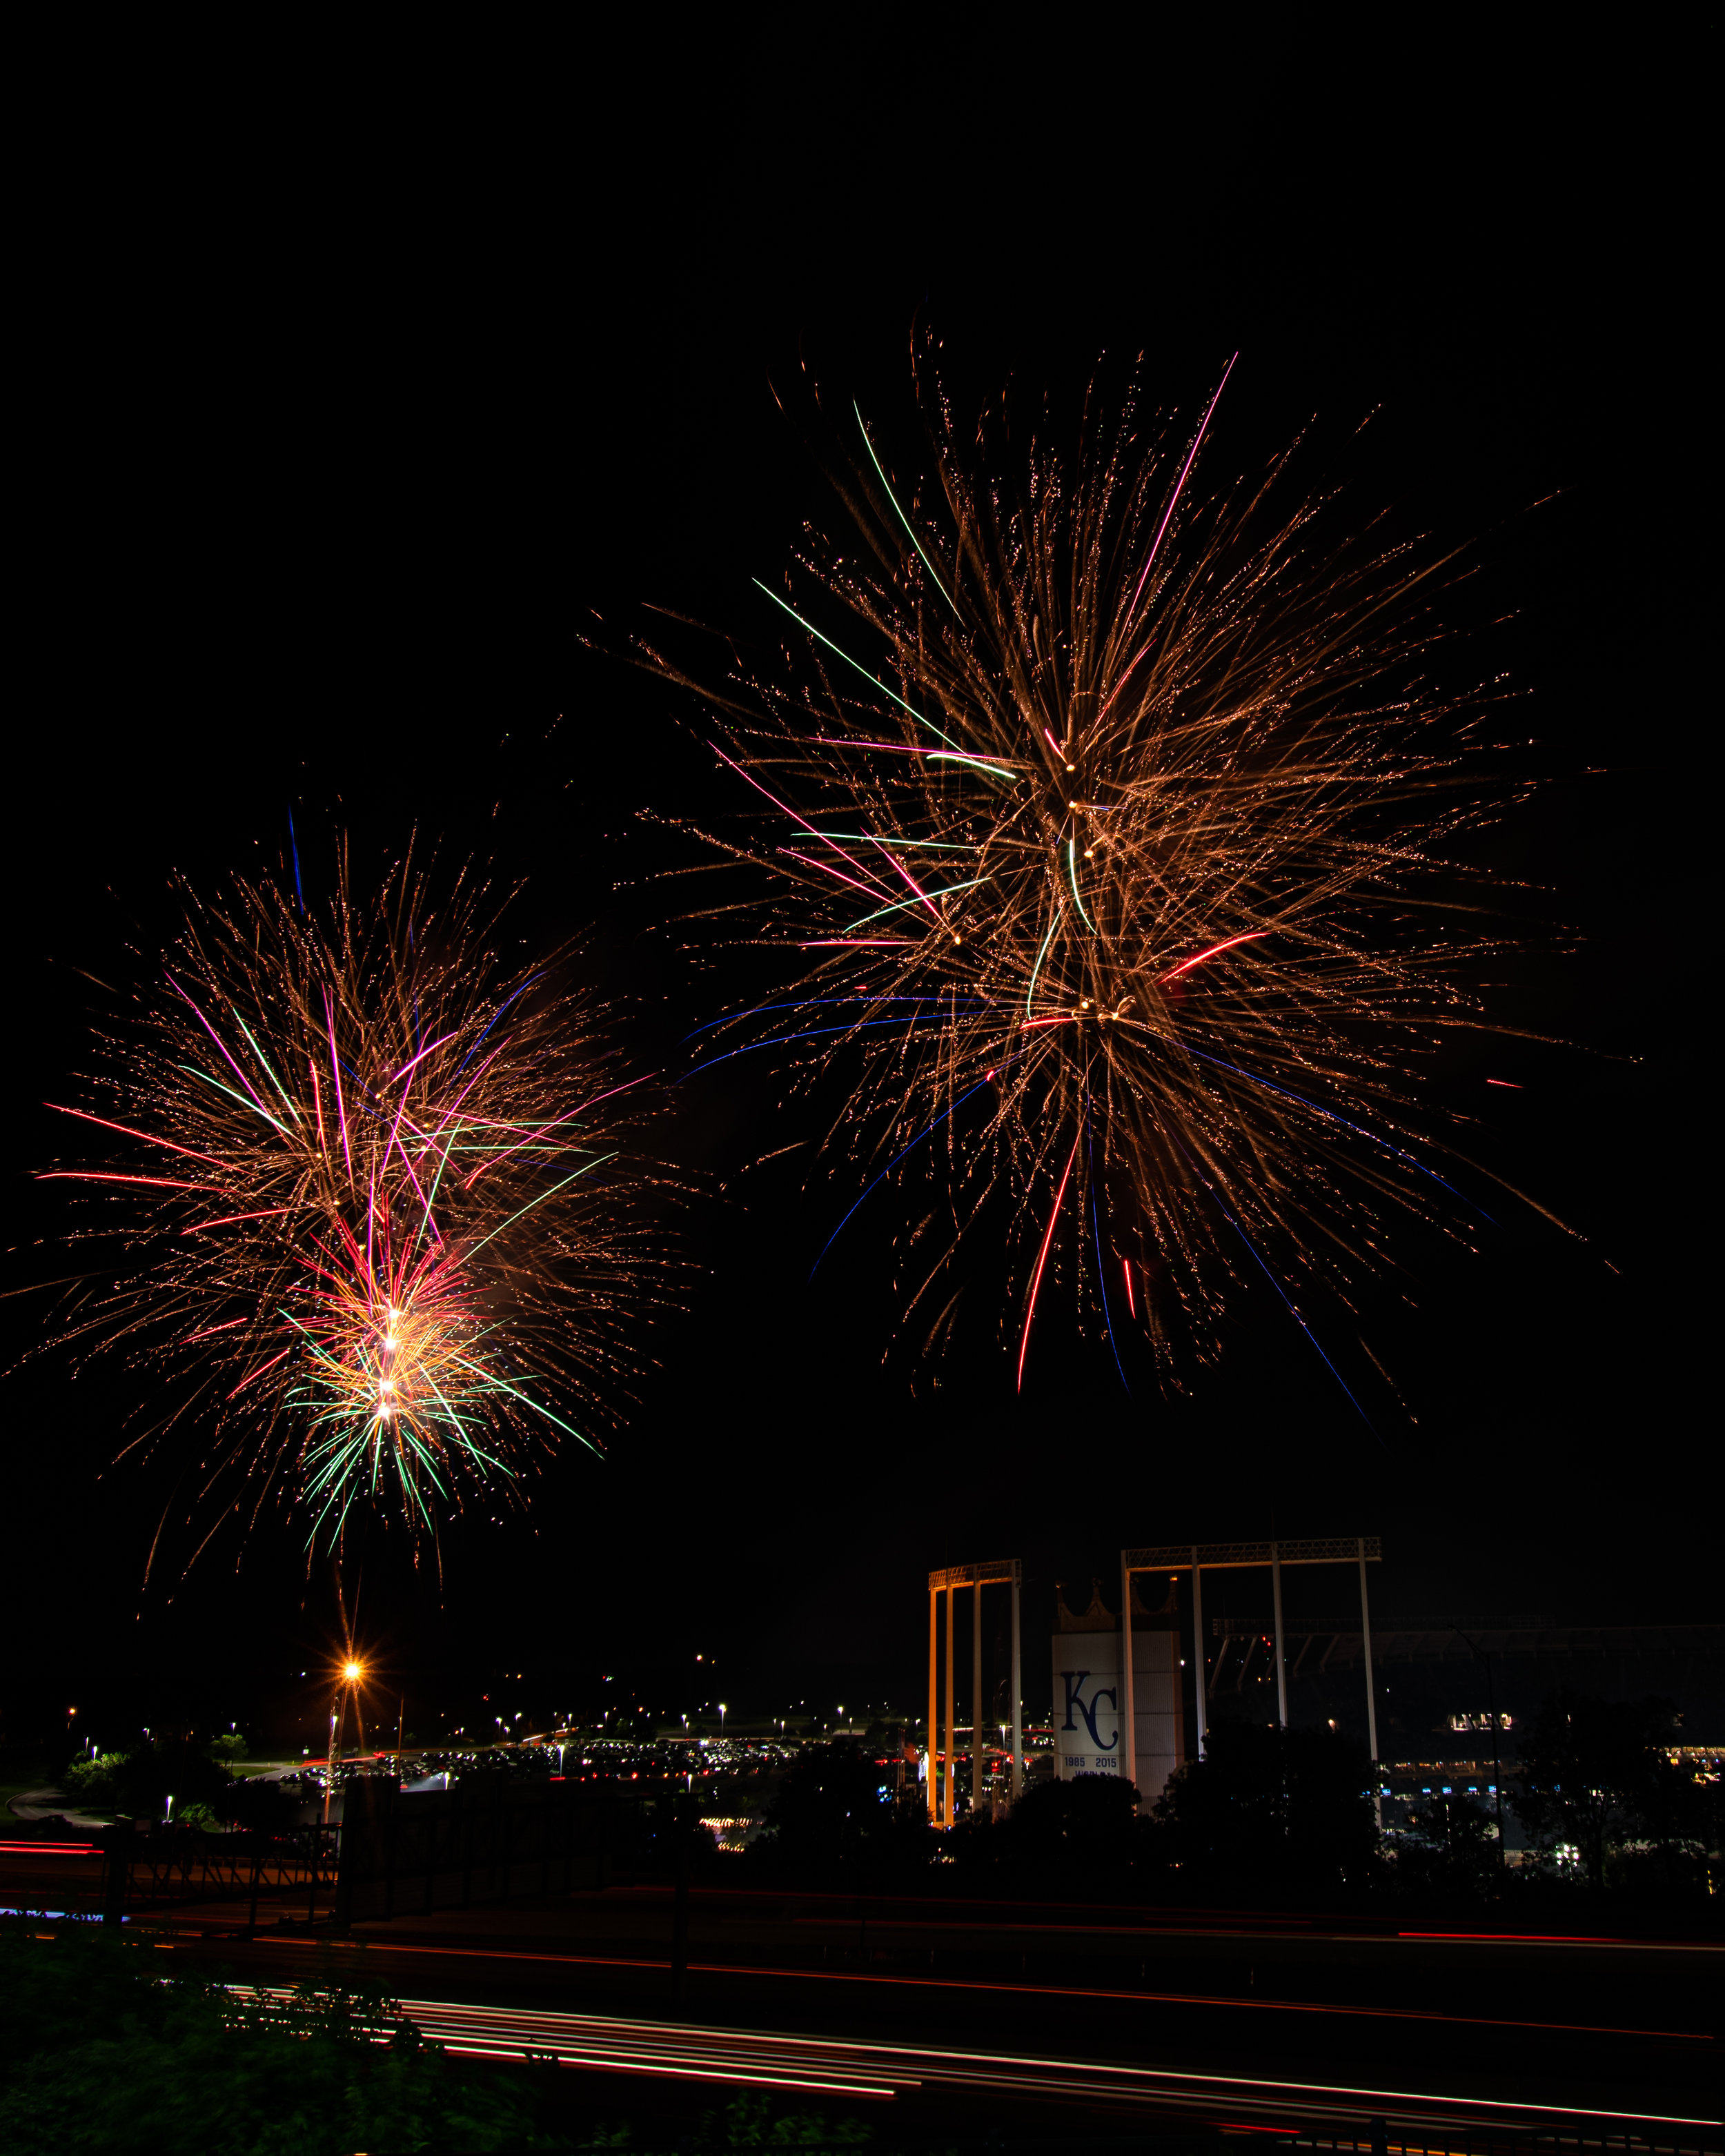 firework-friday-48-of-51_48108320803_o.jpg